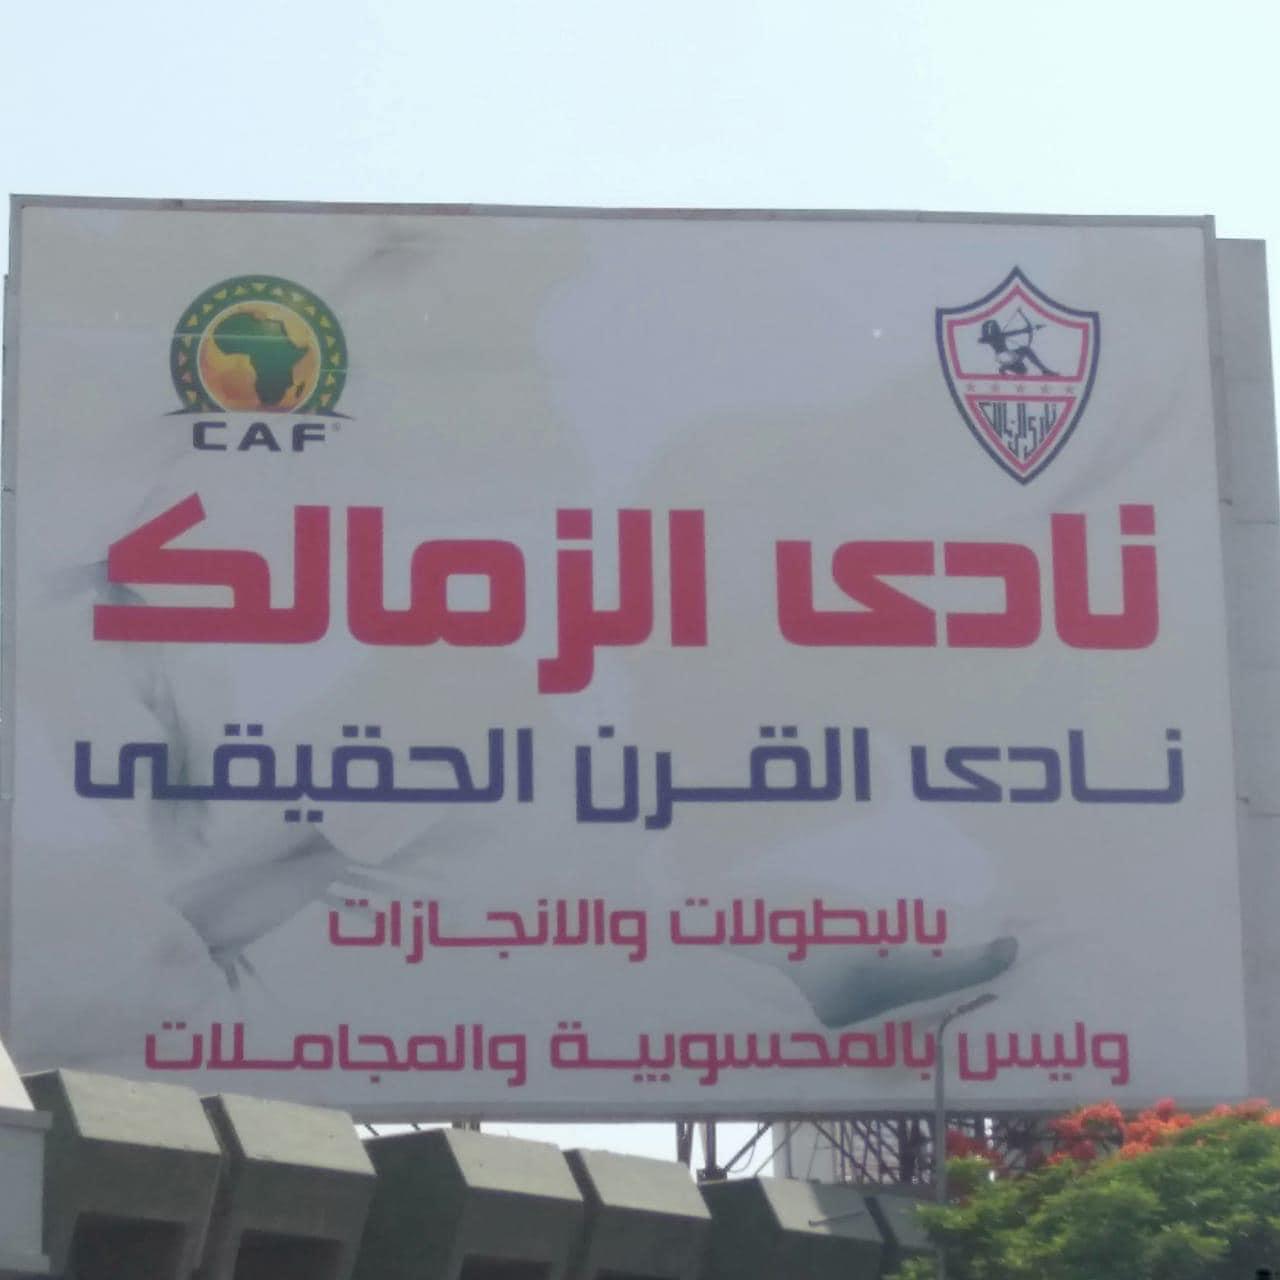 لافتة نادي الزمالك لاستعادة لقب نادي القرن